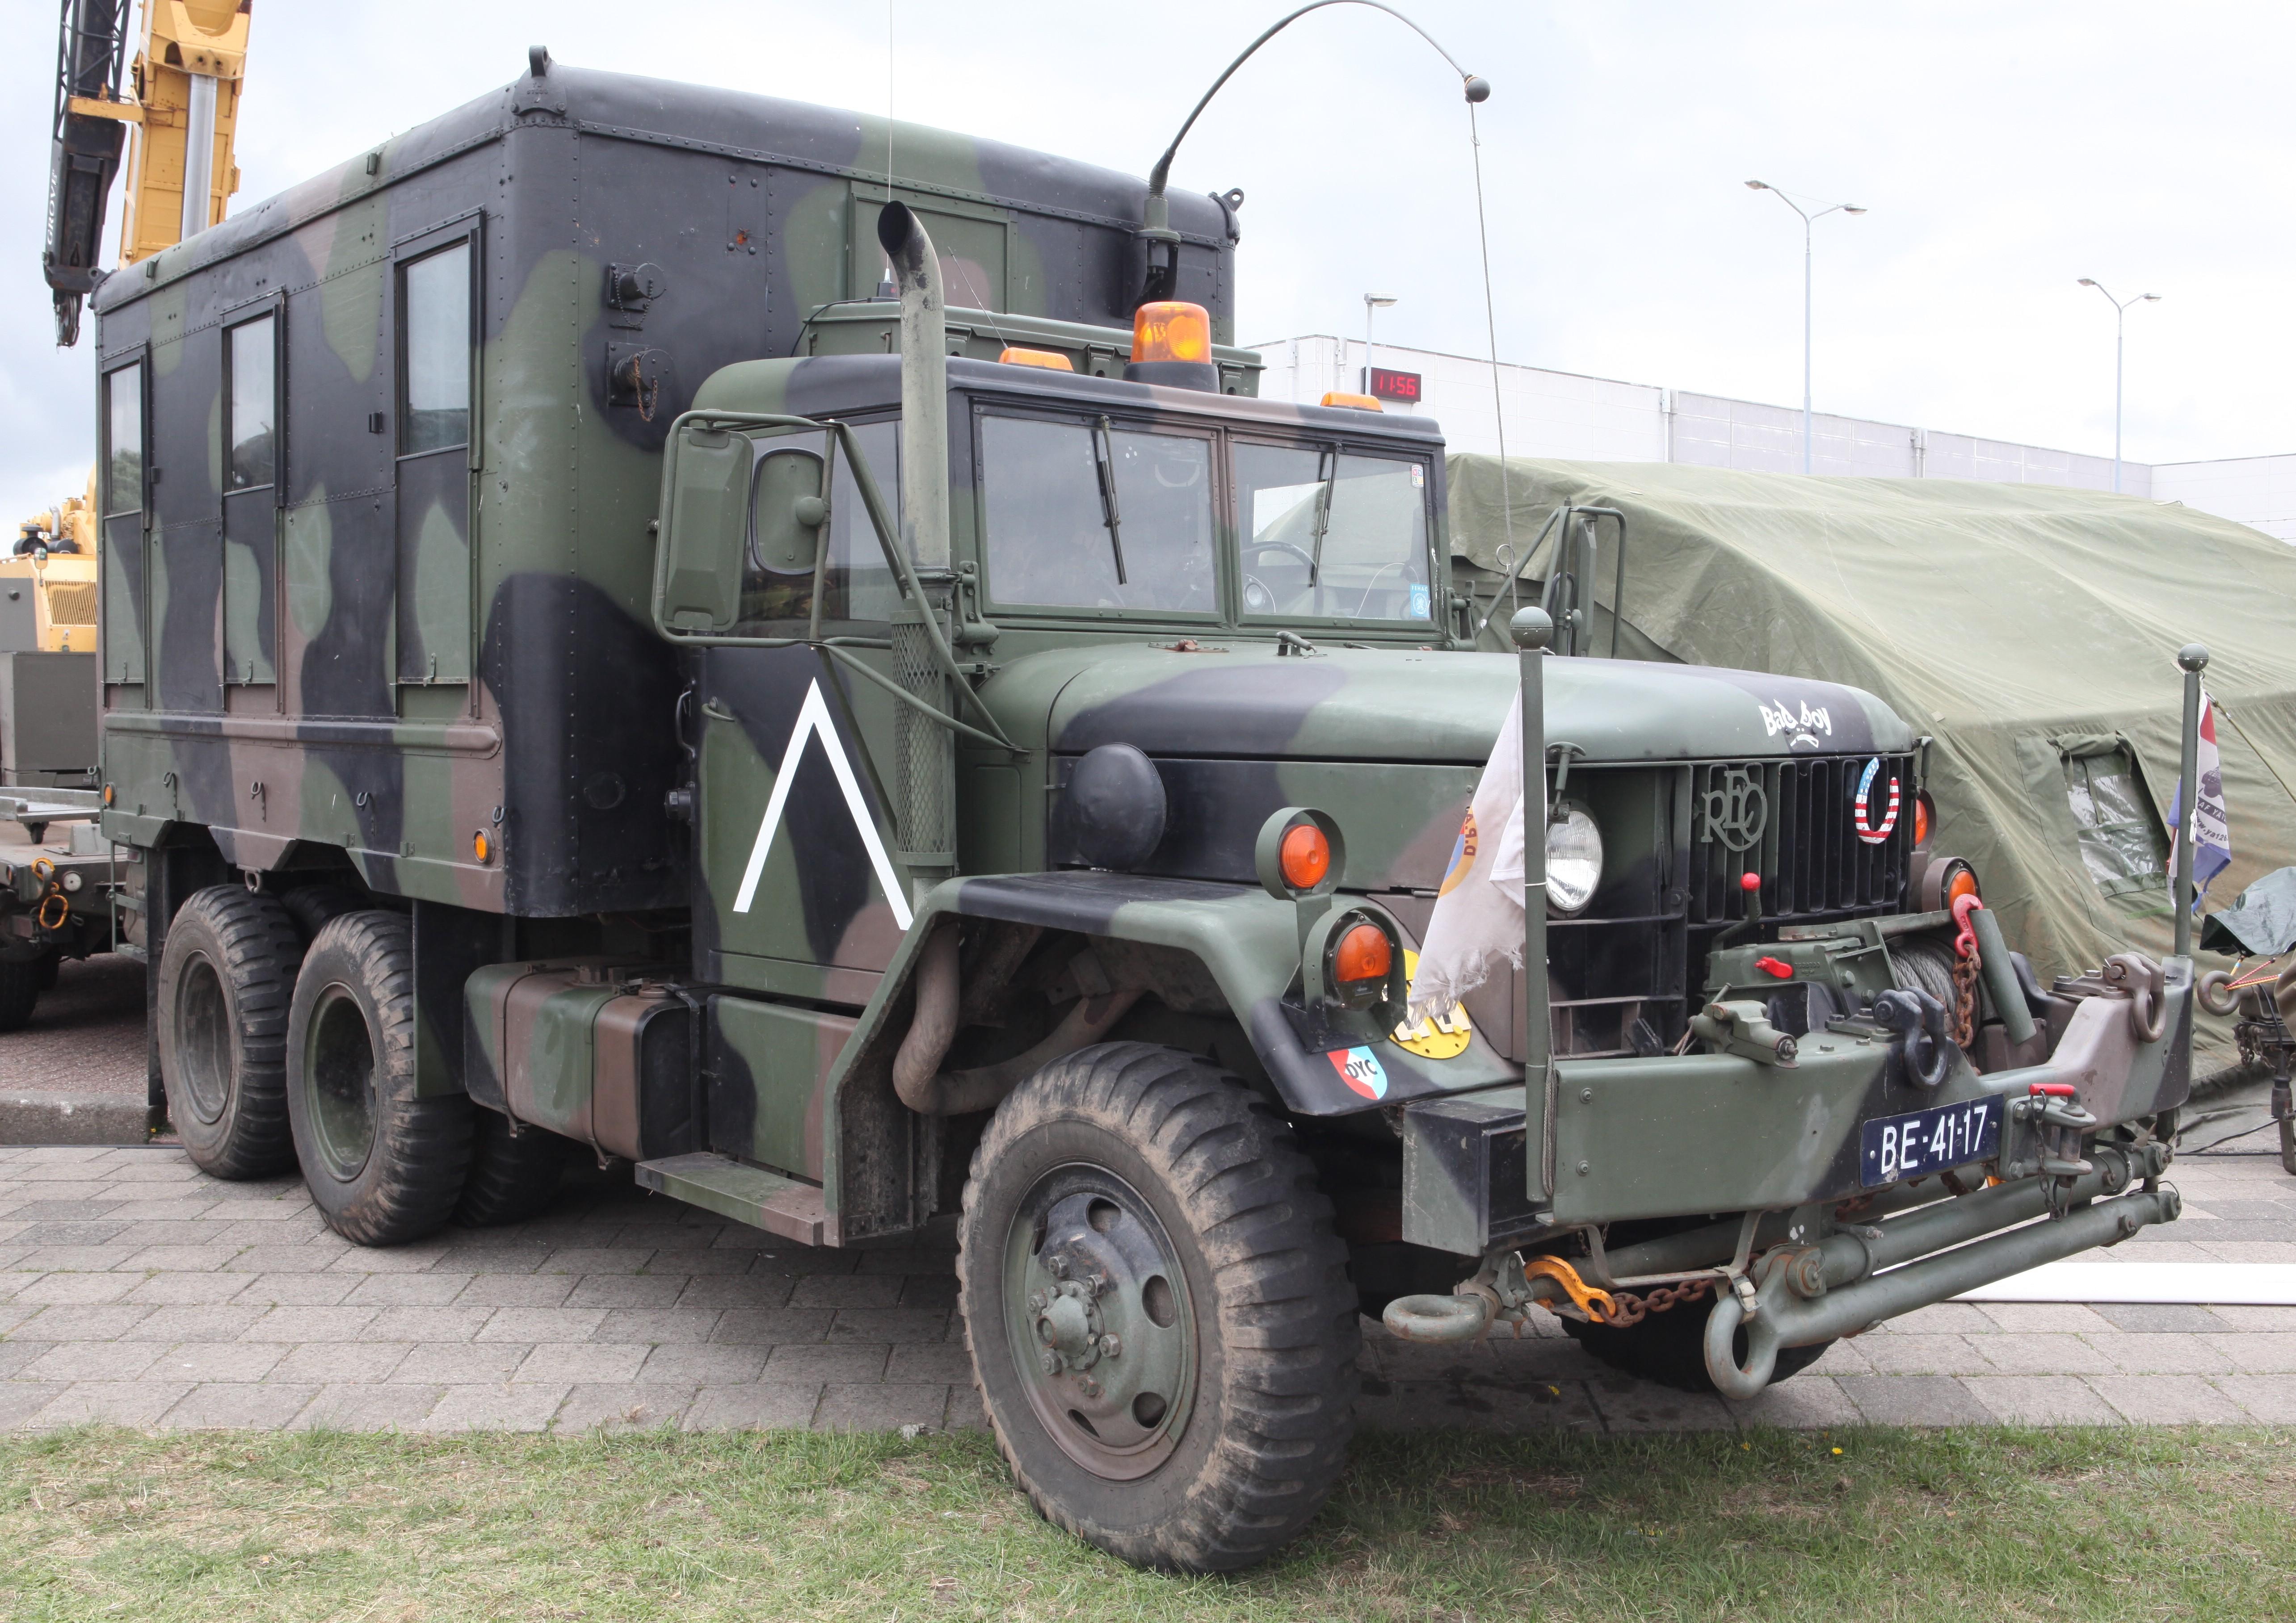 File:Kaiser REO truck - Flickr - Joost J. Bakker IJmuiden.jpg - Wikimedia Commons